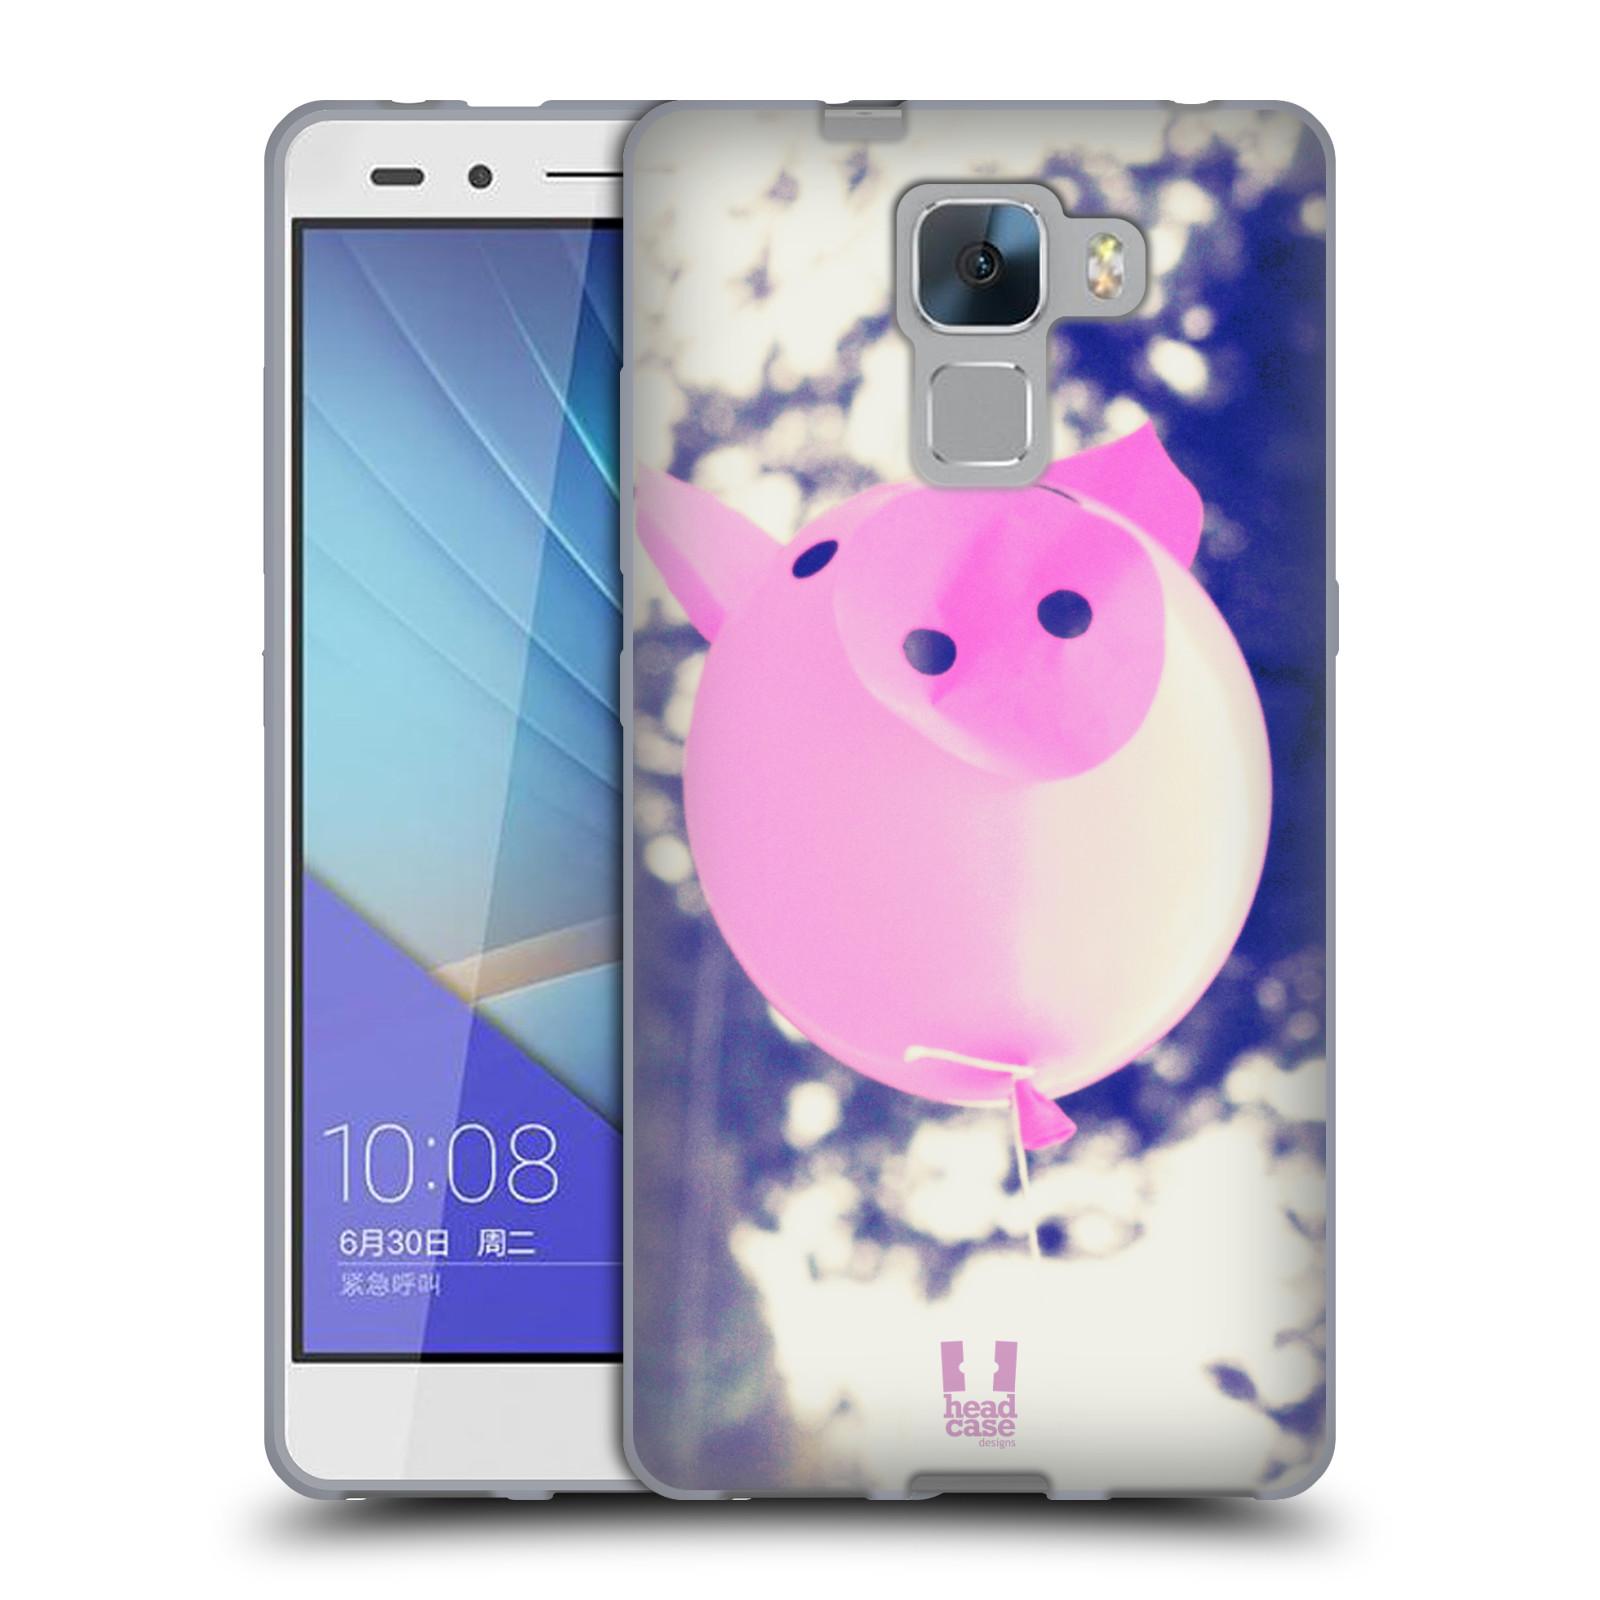 Silikonové pouzdro na mobil Honor 7 HEAD CASE BALON PAŠÍK